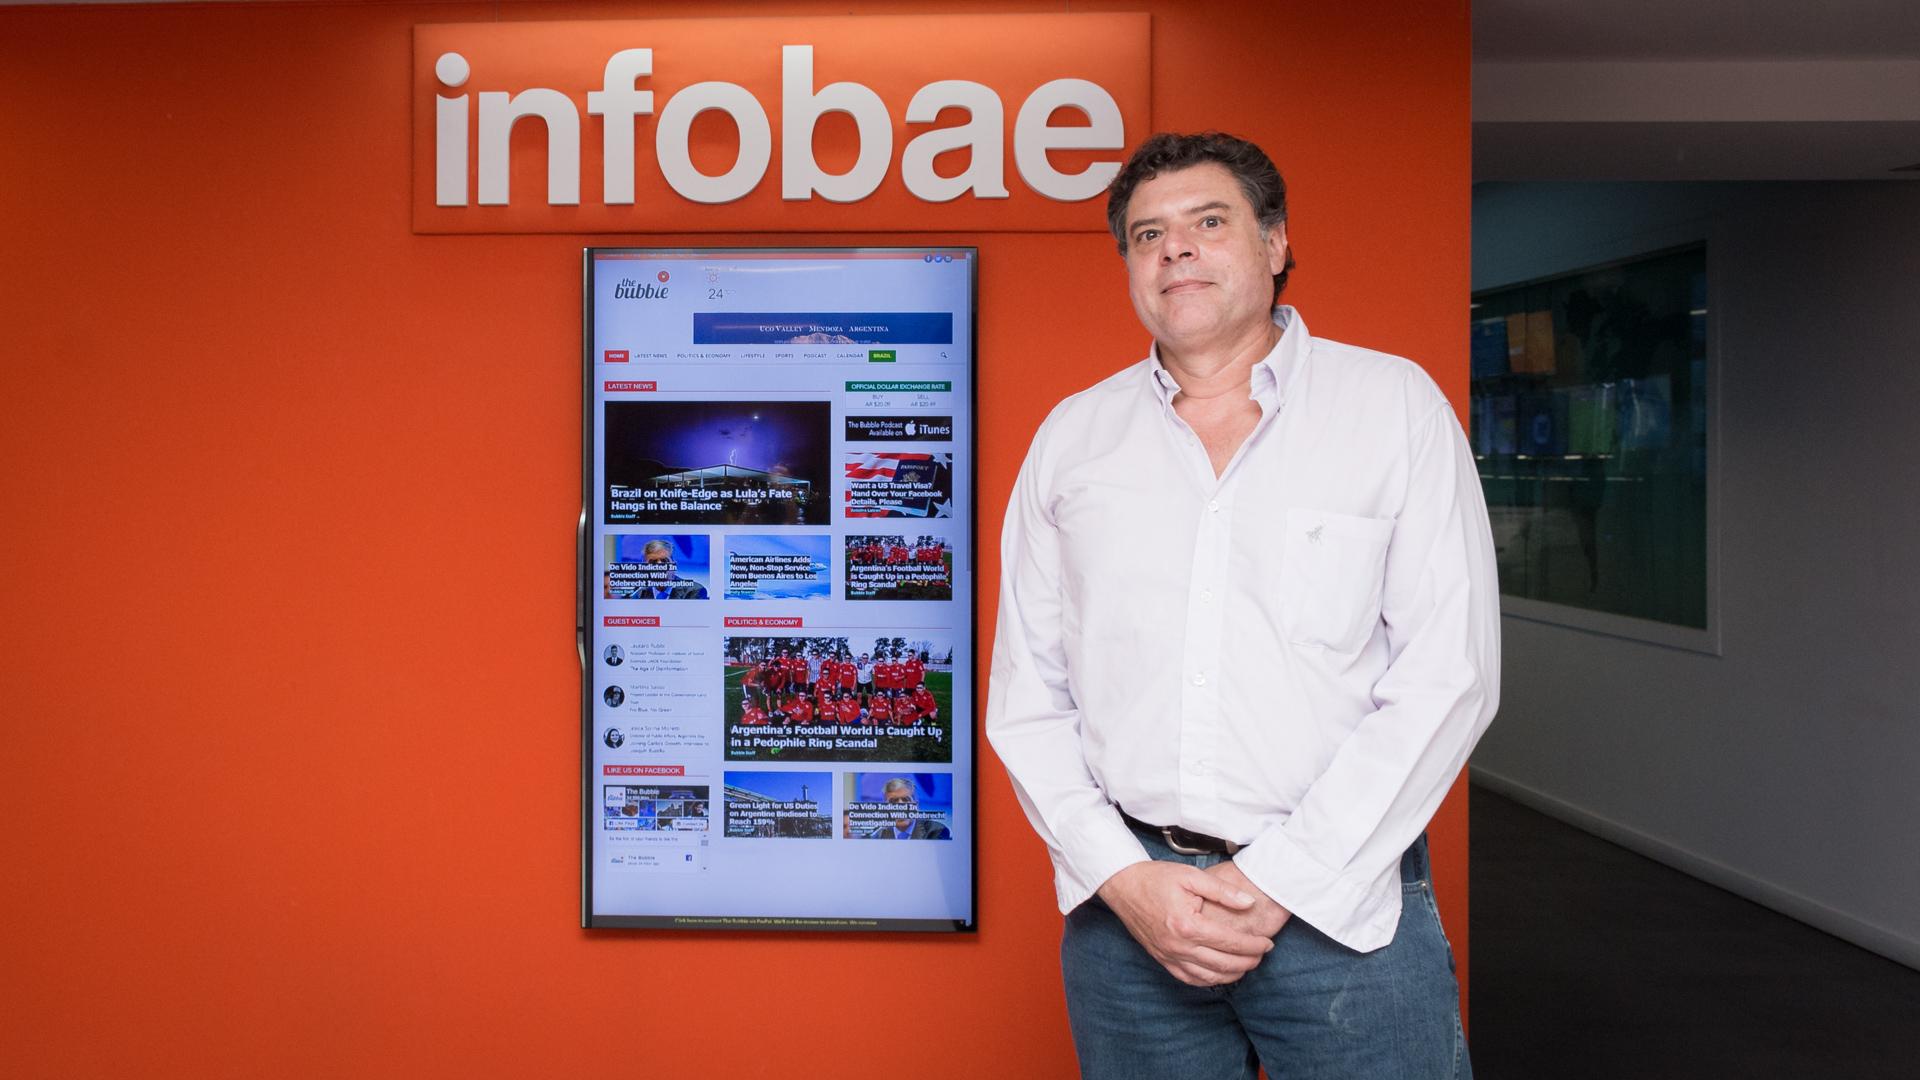 Los ganadores aprovecharon para conocer la redacción de Infobae.